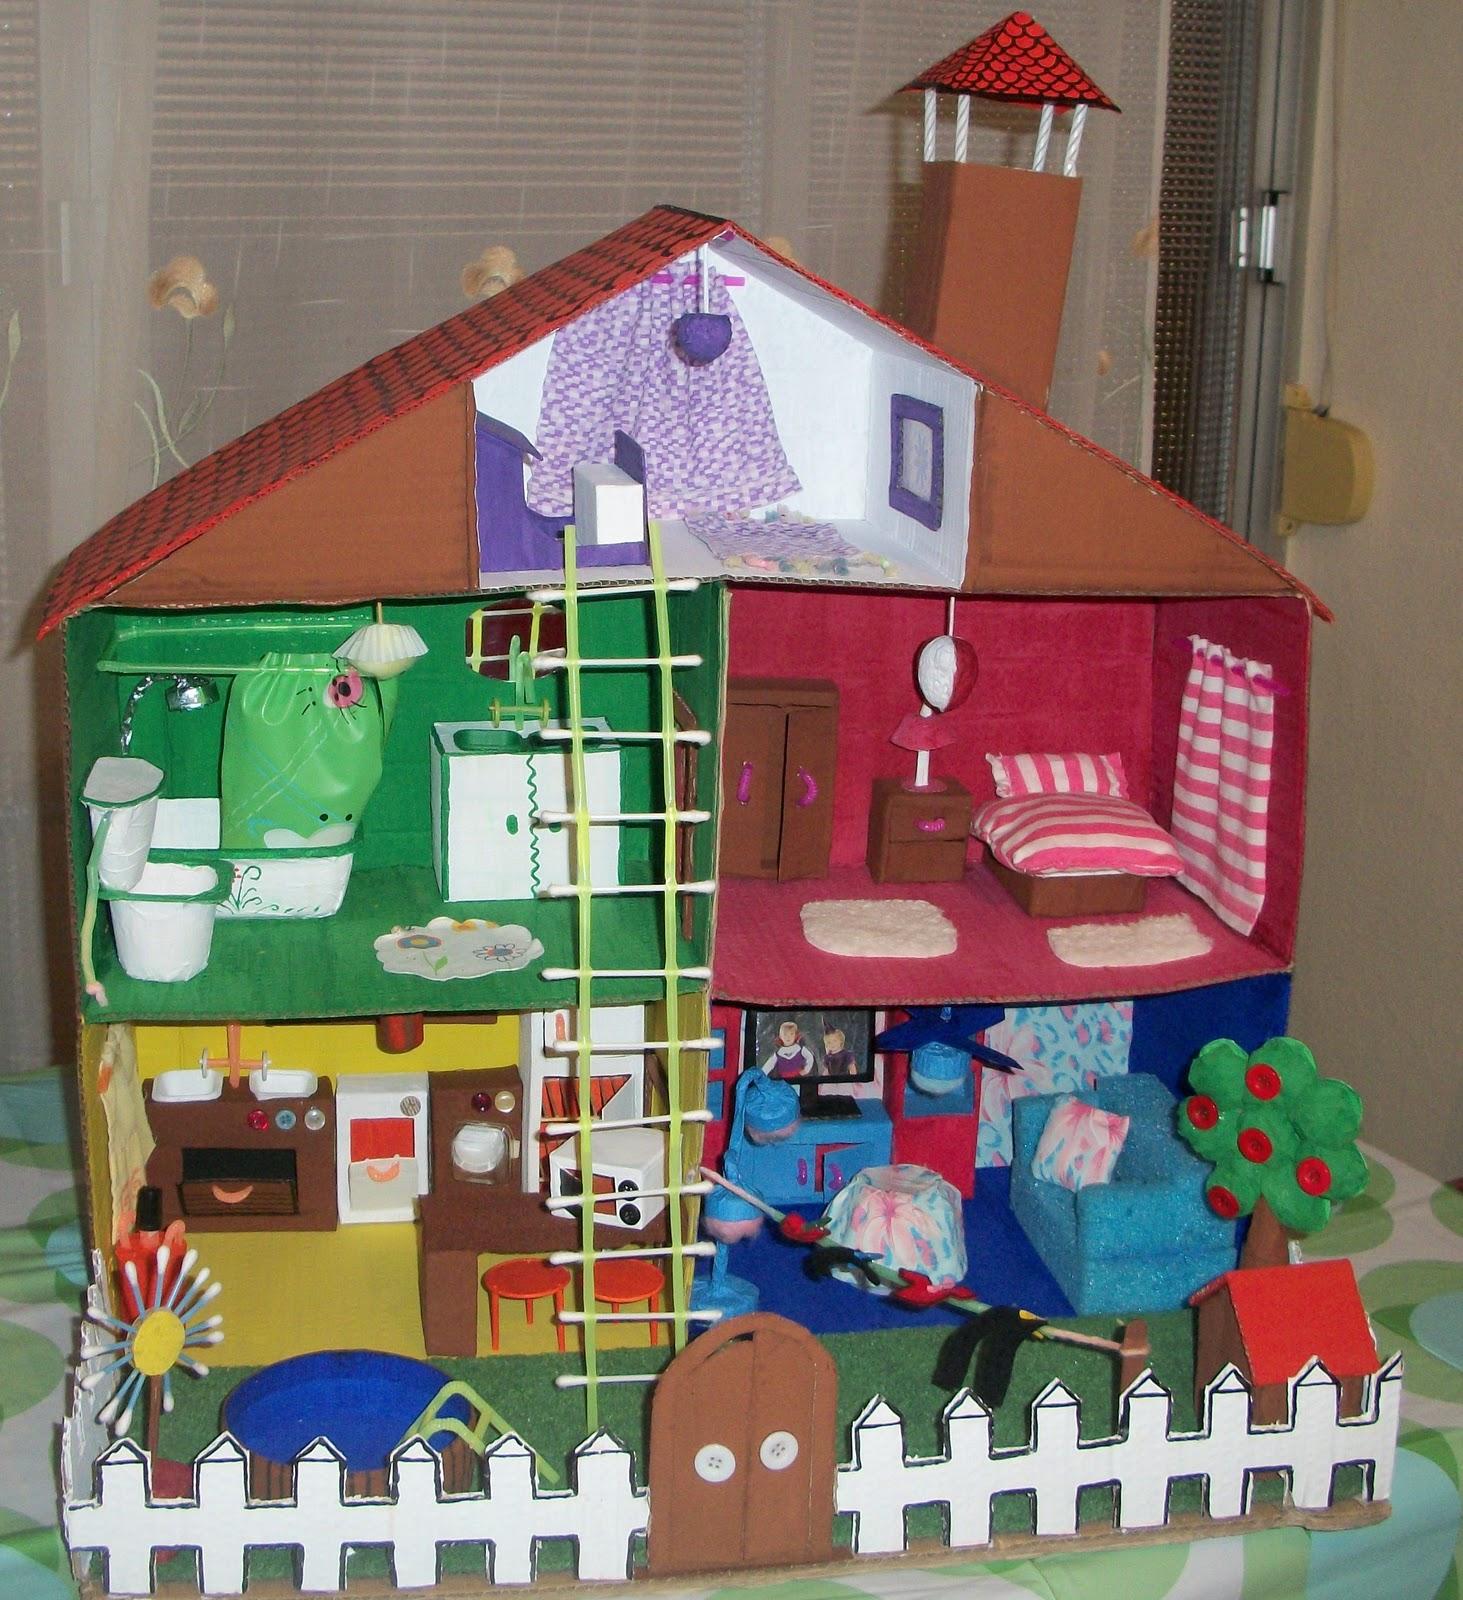 Maravillapinolandia juguete con materiales reciclados - Casas de materiales ...